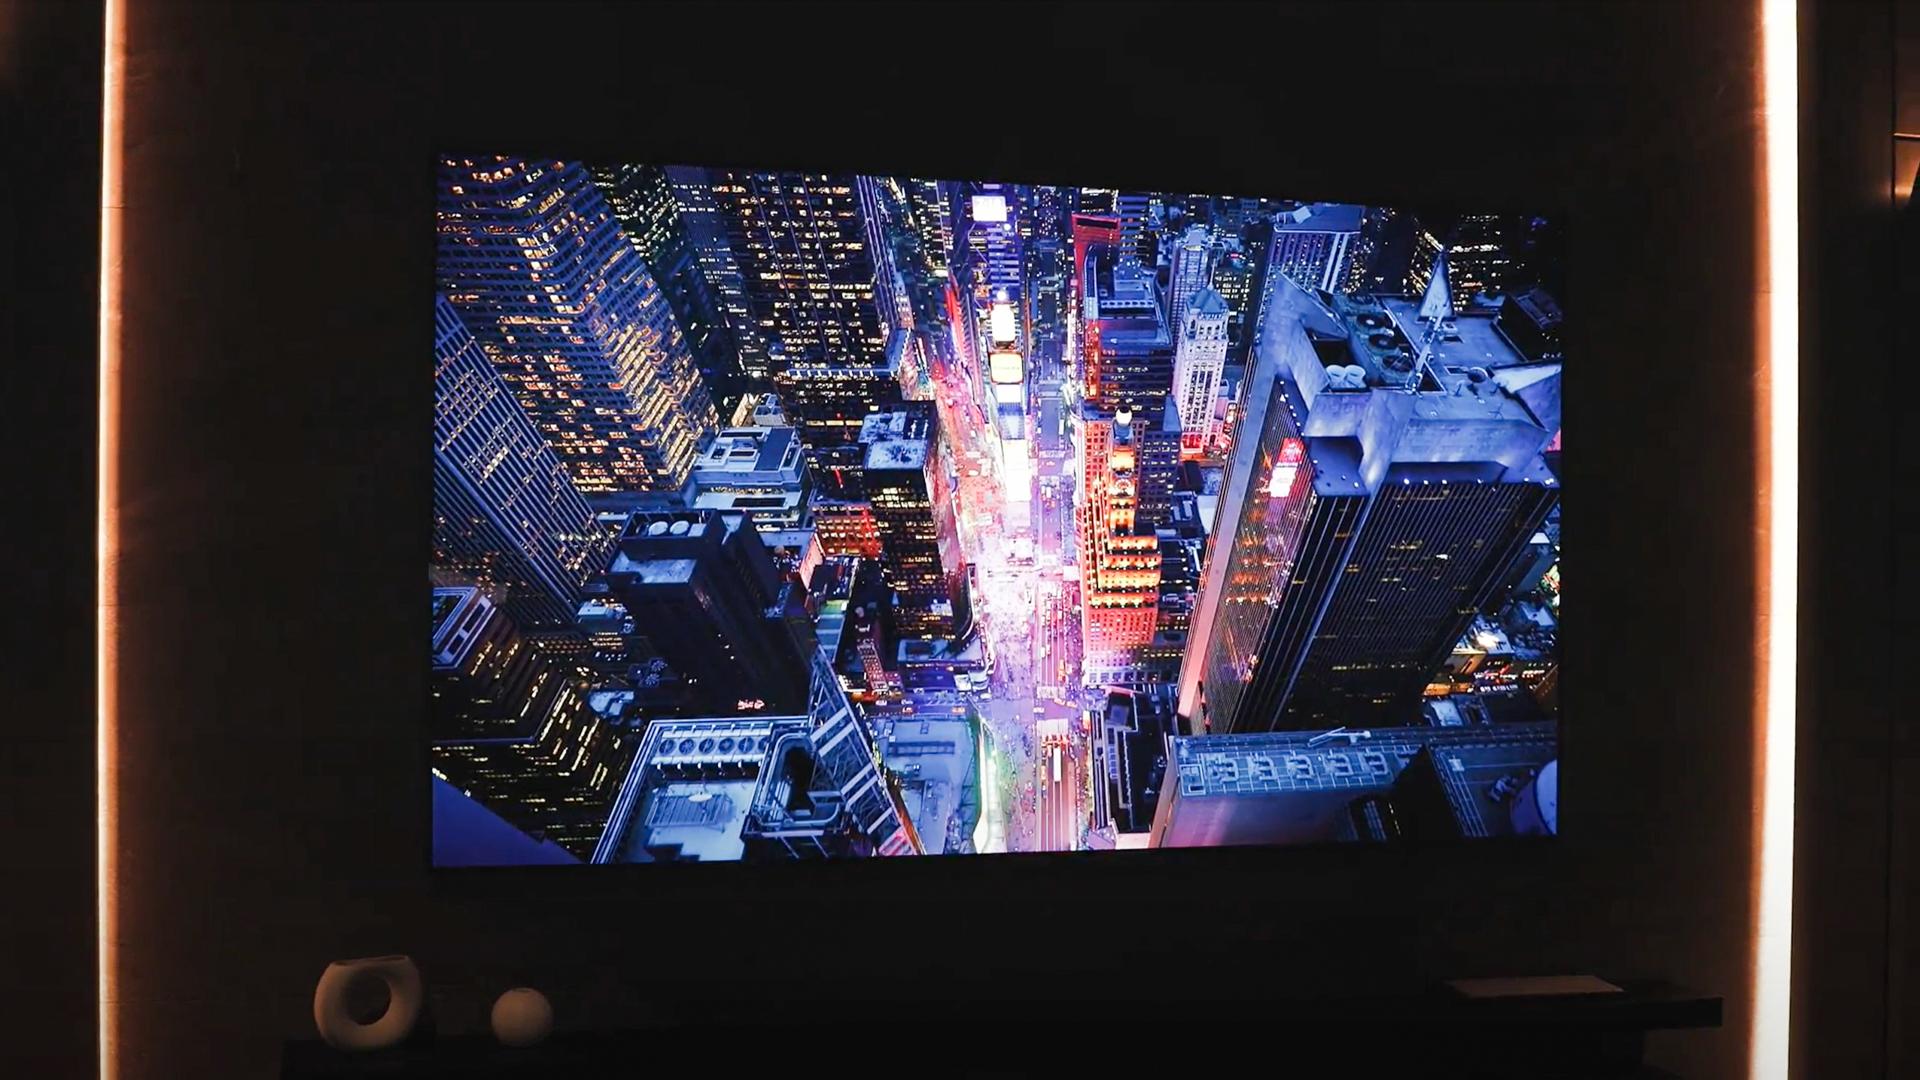 LG 88 inch 8k OLED display 1